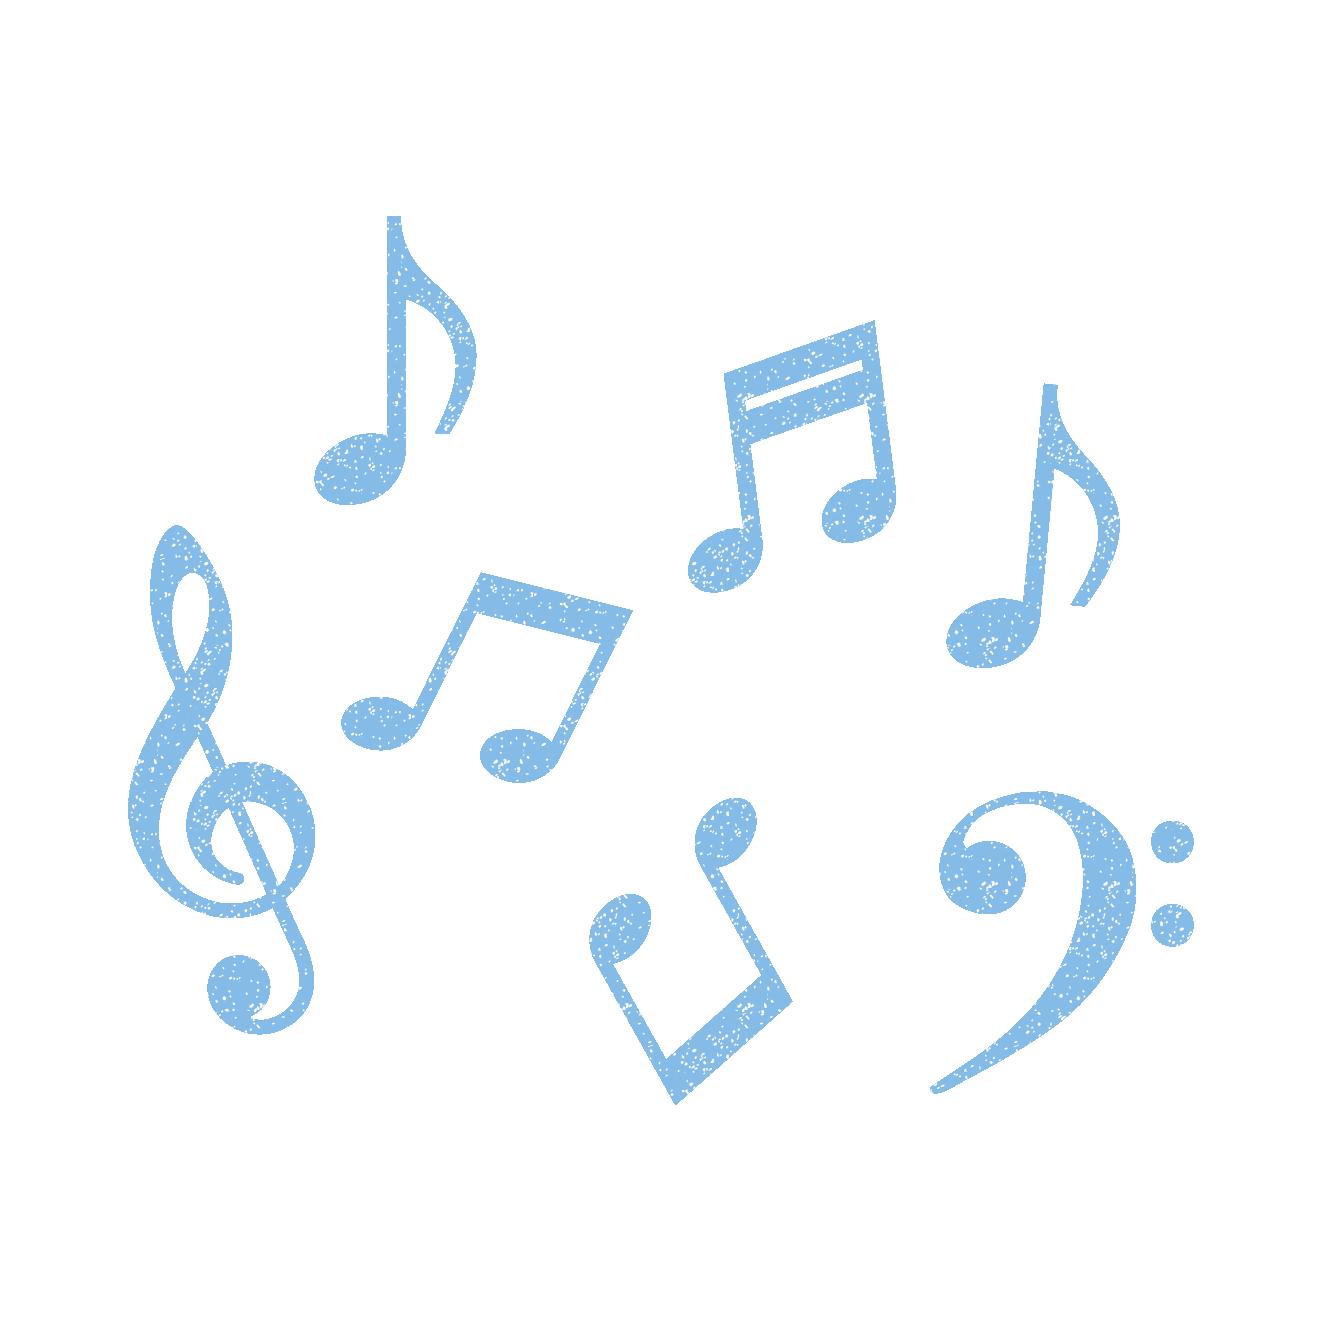 音符のスタンプ イラスト 商用フリー無料のイラスト素材なら